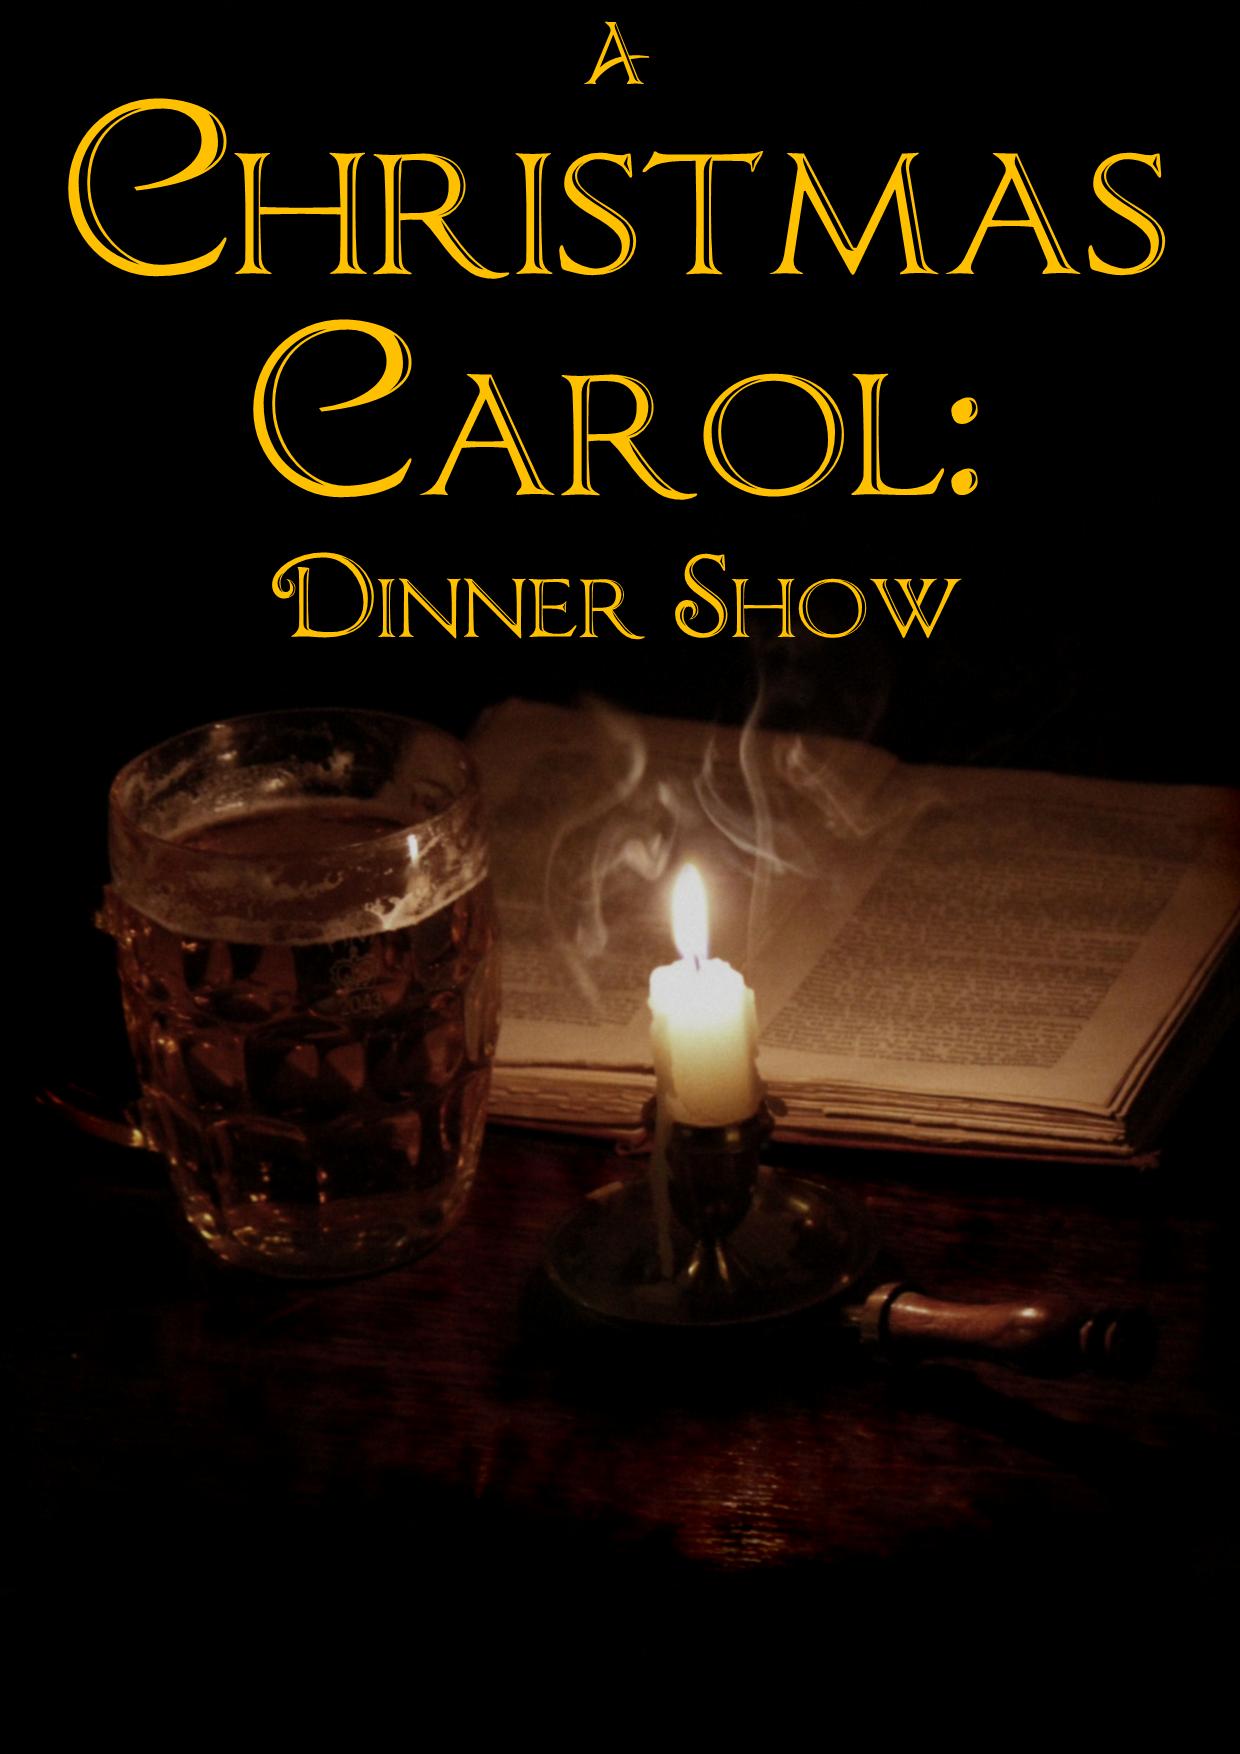 A Christmas Carol Dinner Show